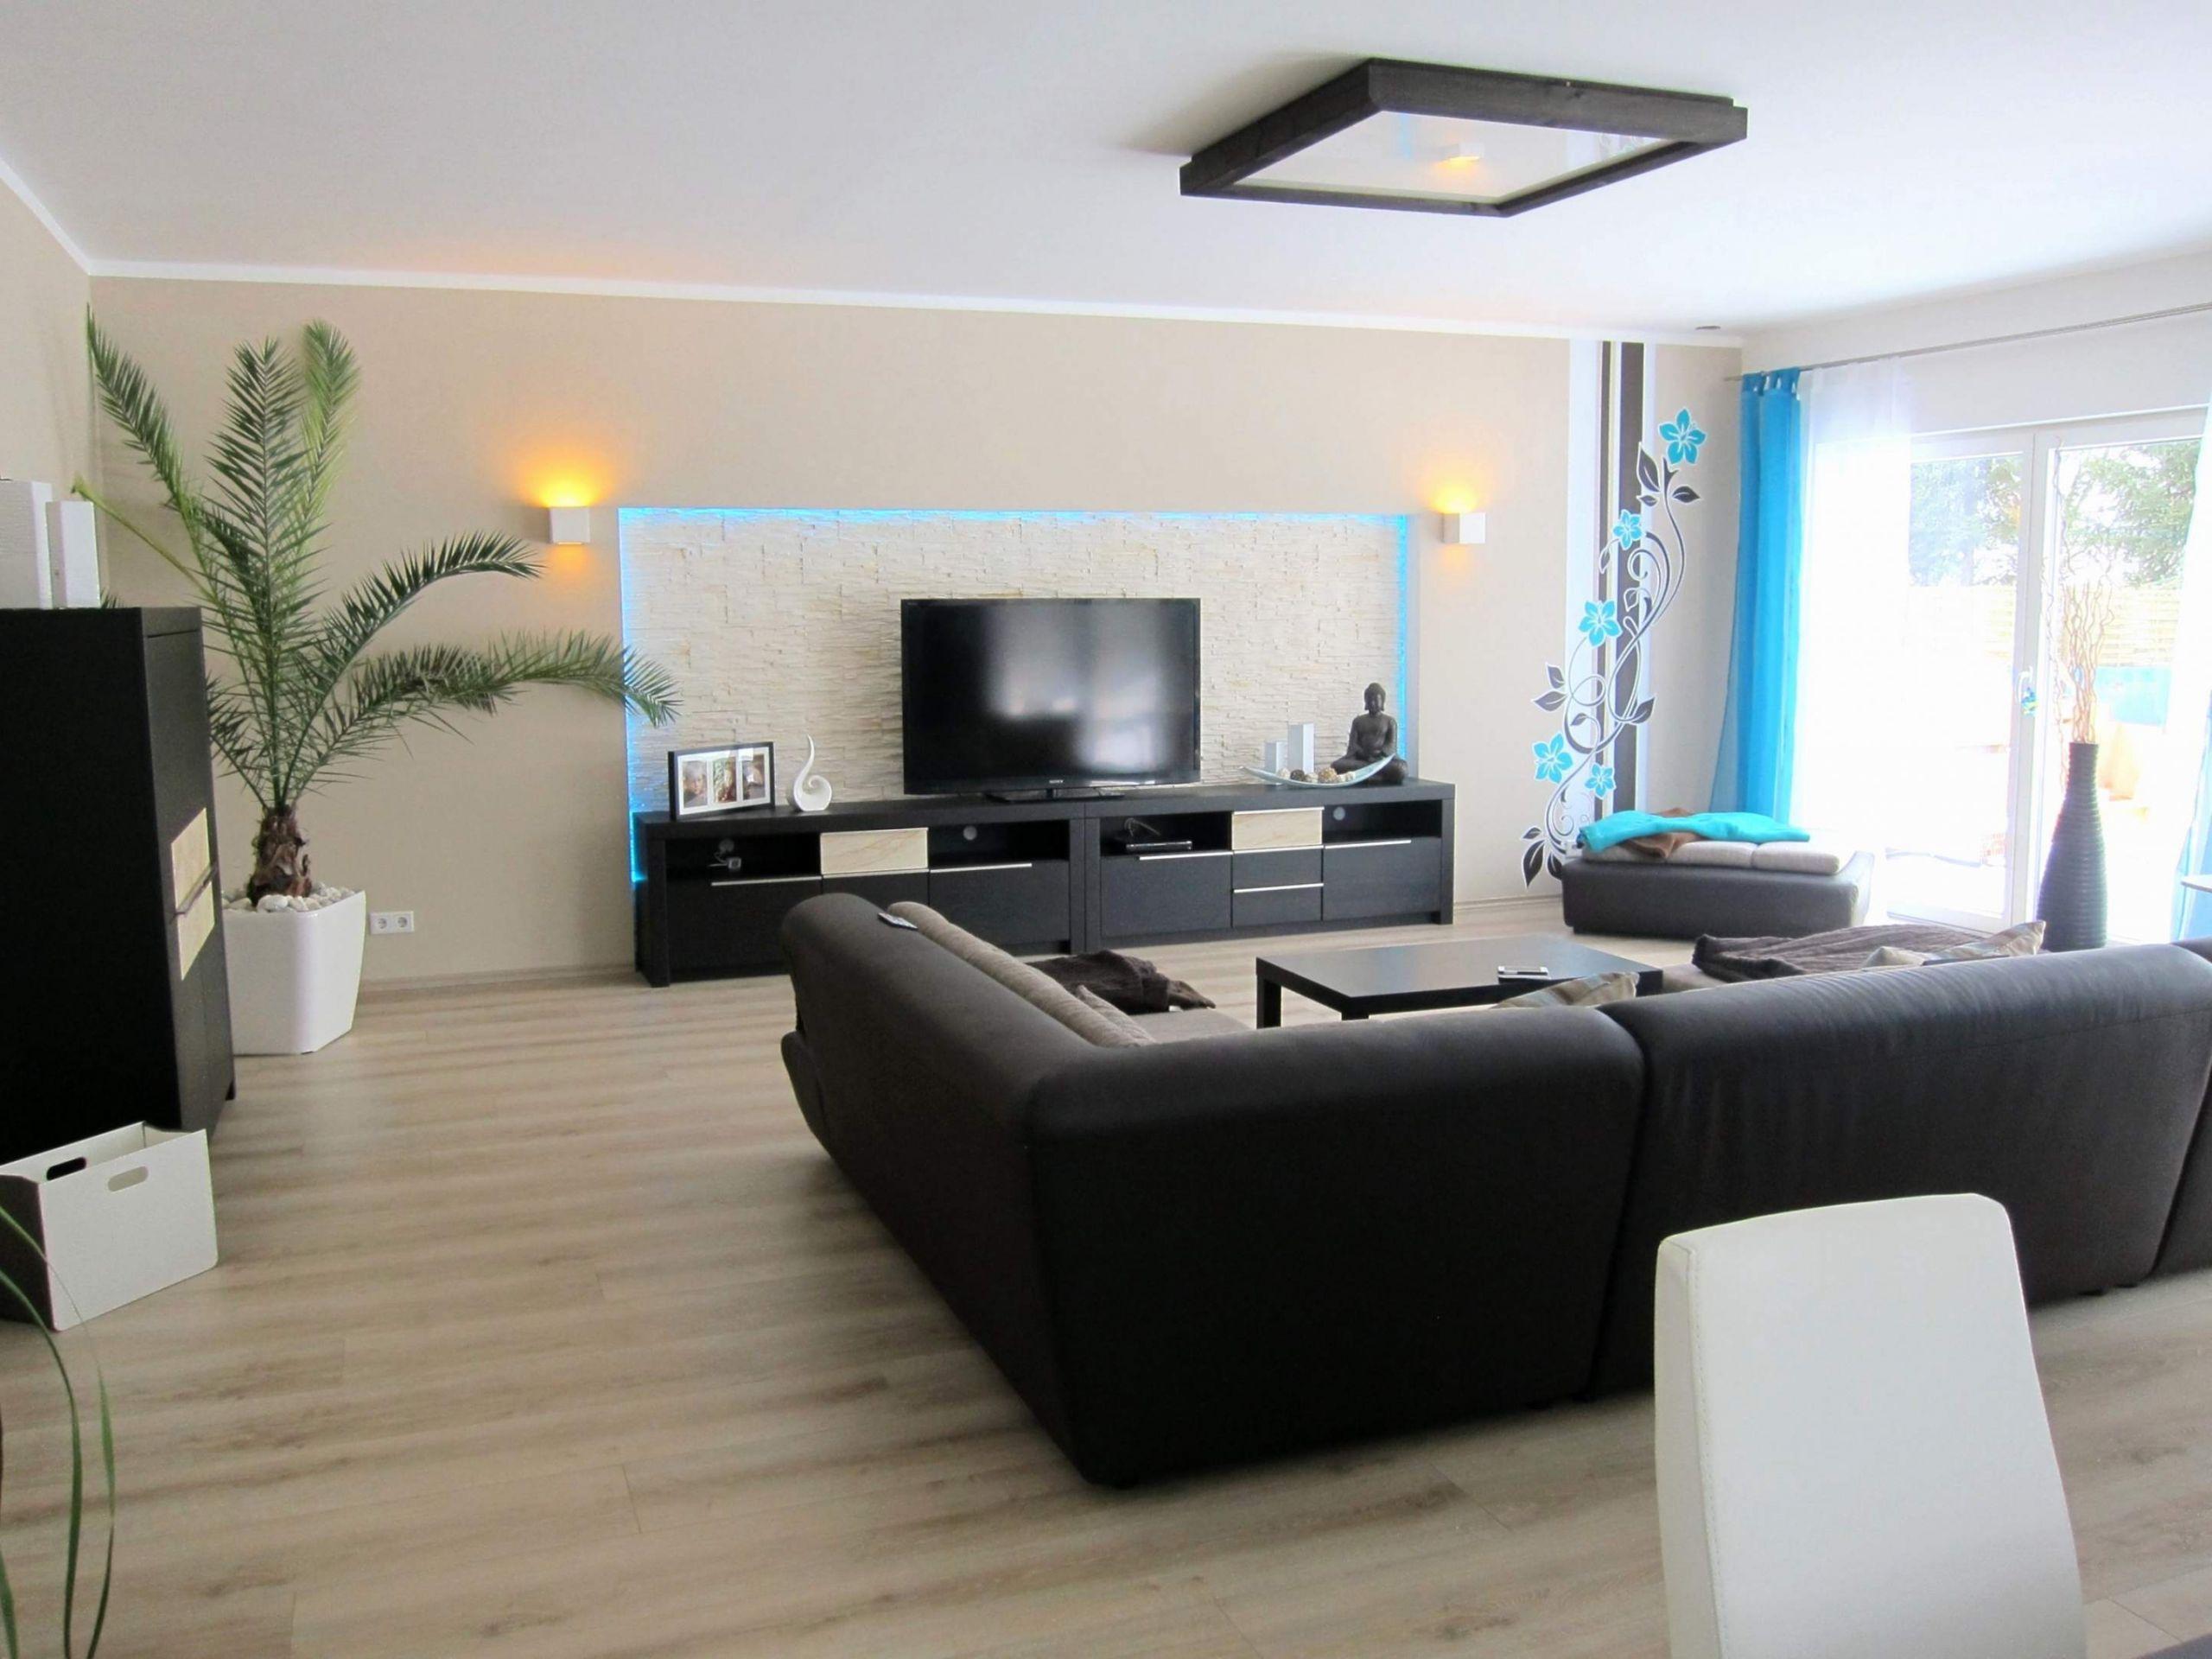 wohnzimmer gestalten tipps reizend luxus wohnzimmer genial wohnzimmer einrichten gemutlich of wohnzimmer gestalten tipps scaled